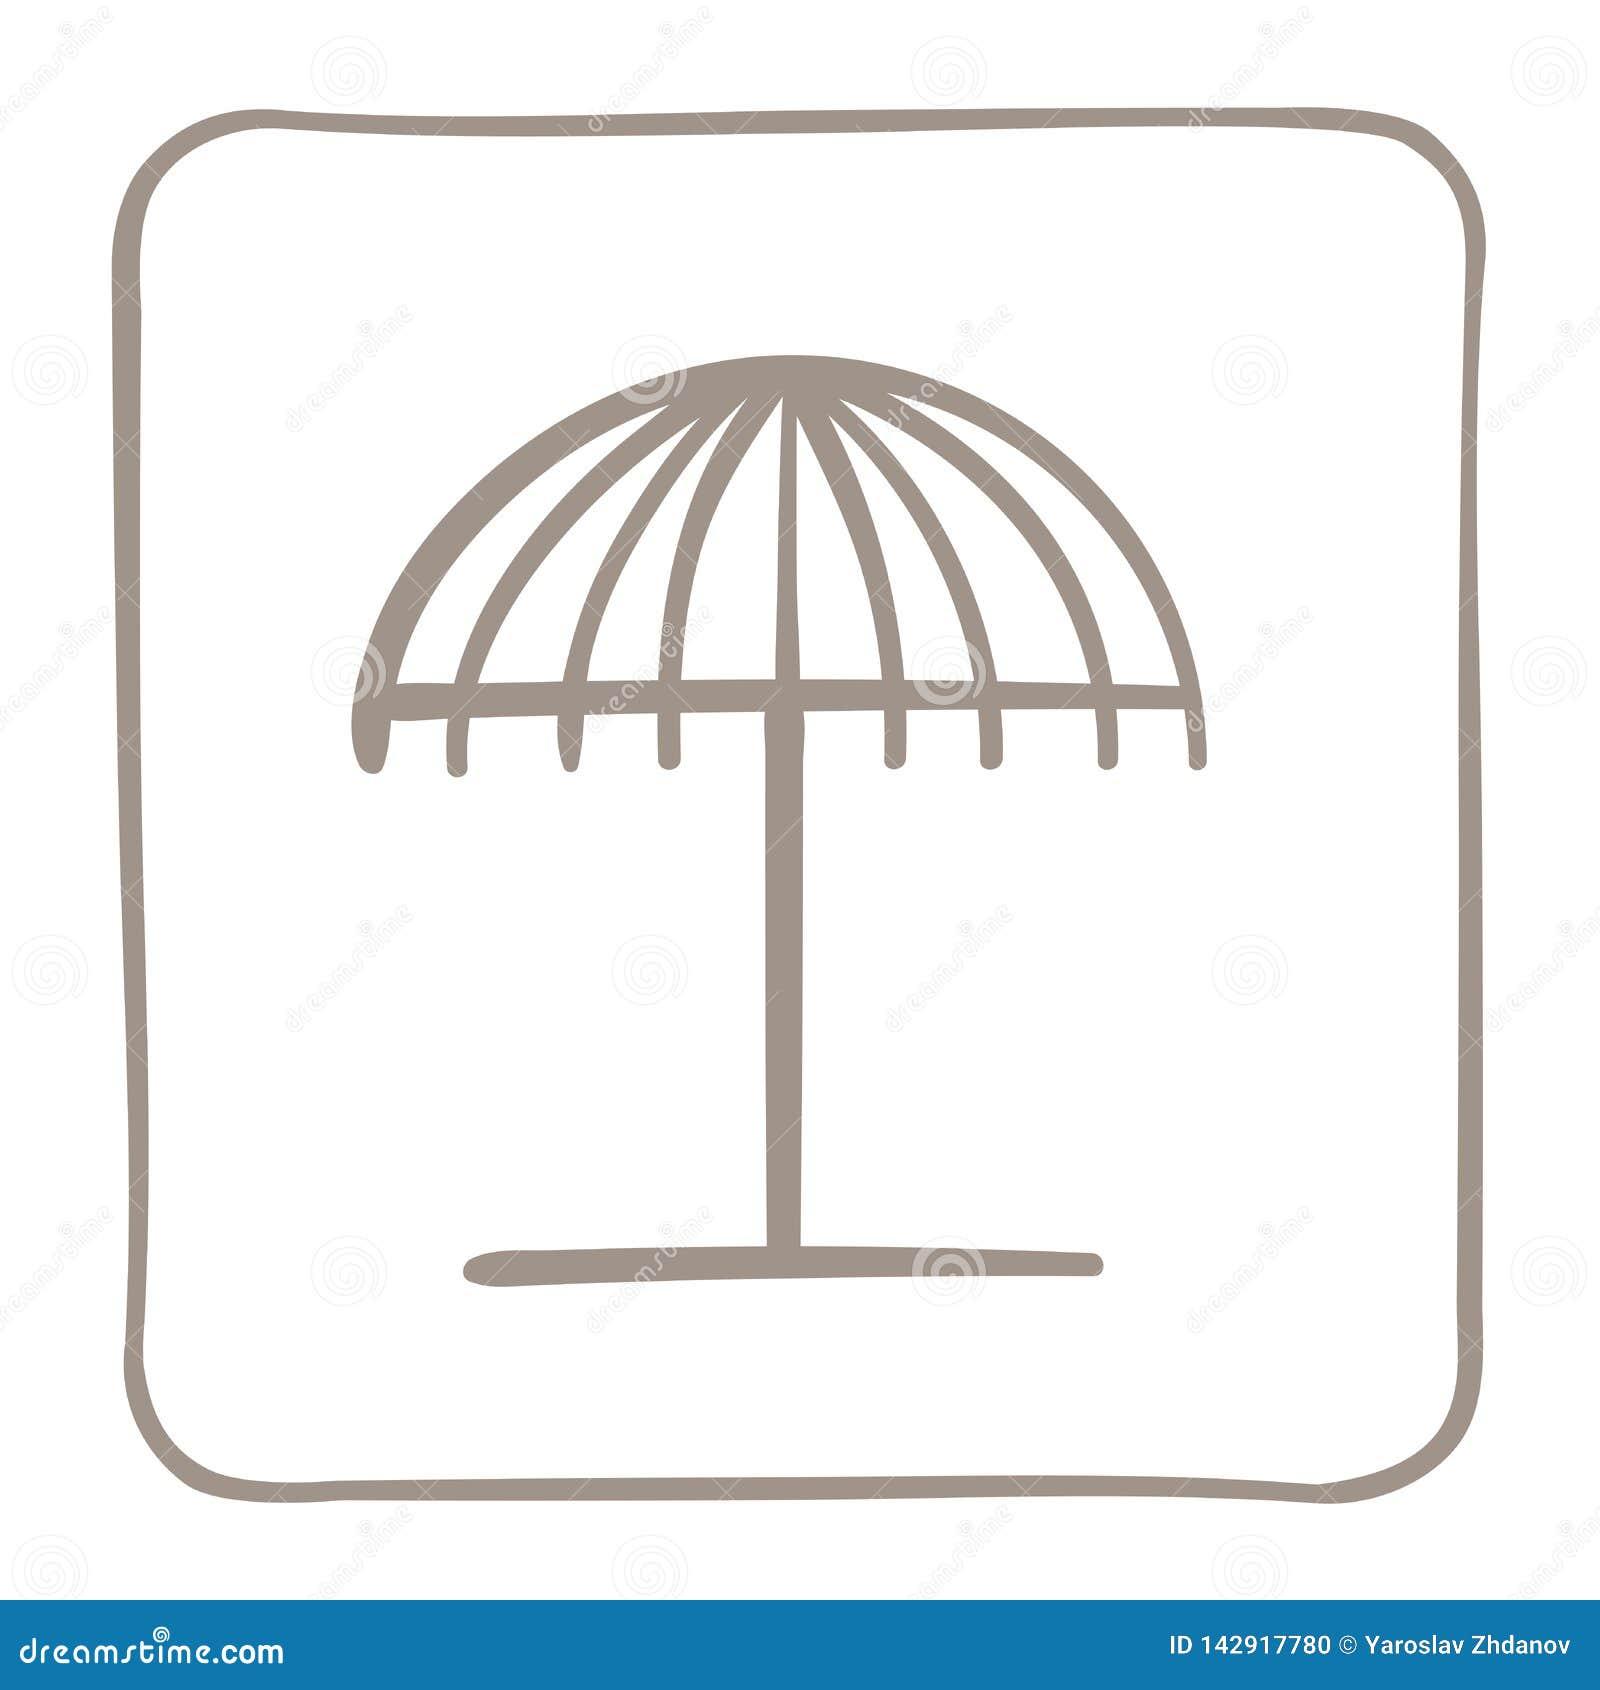 Pla?owego parasola ikona w jasnobr?zowej ramie jest mo?e projektant wektor evgeniy grafika niezale?ny kotelevskiy przedmiota oryg